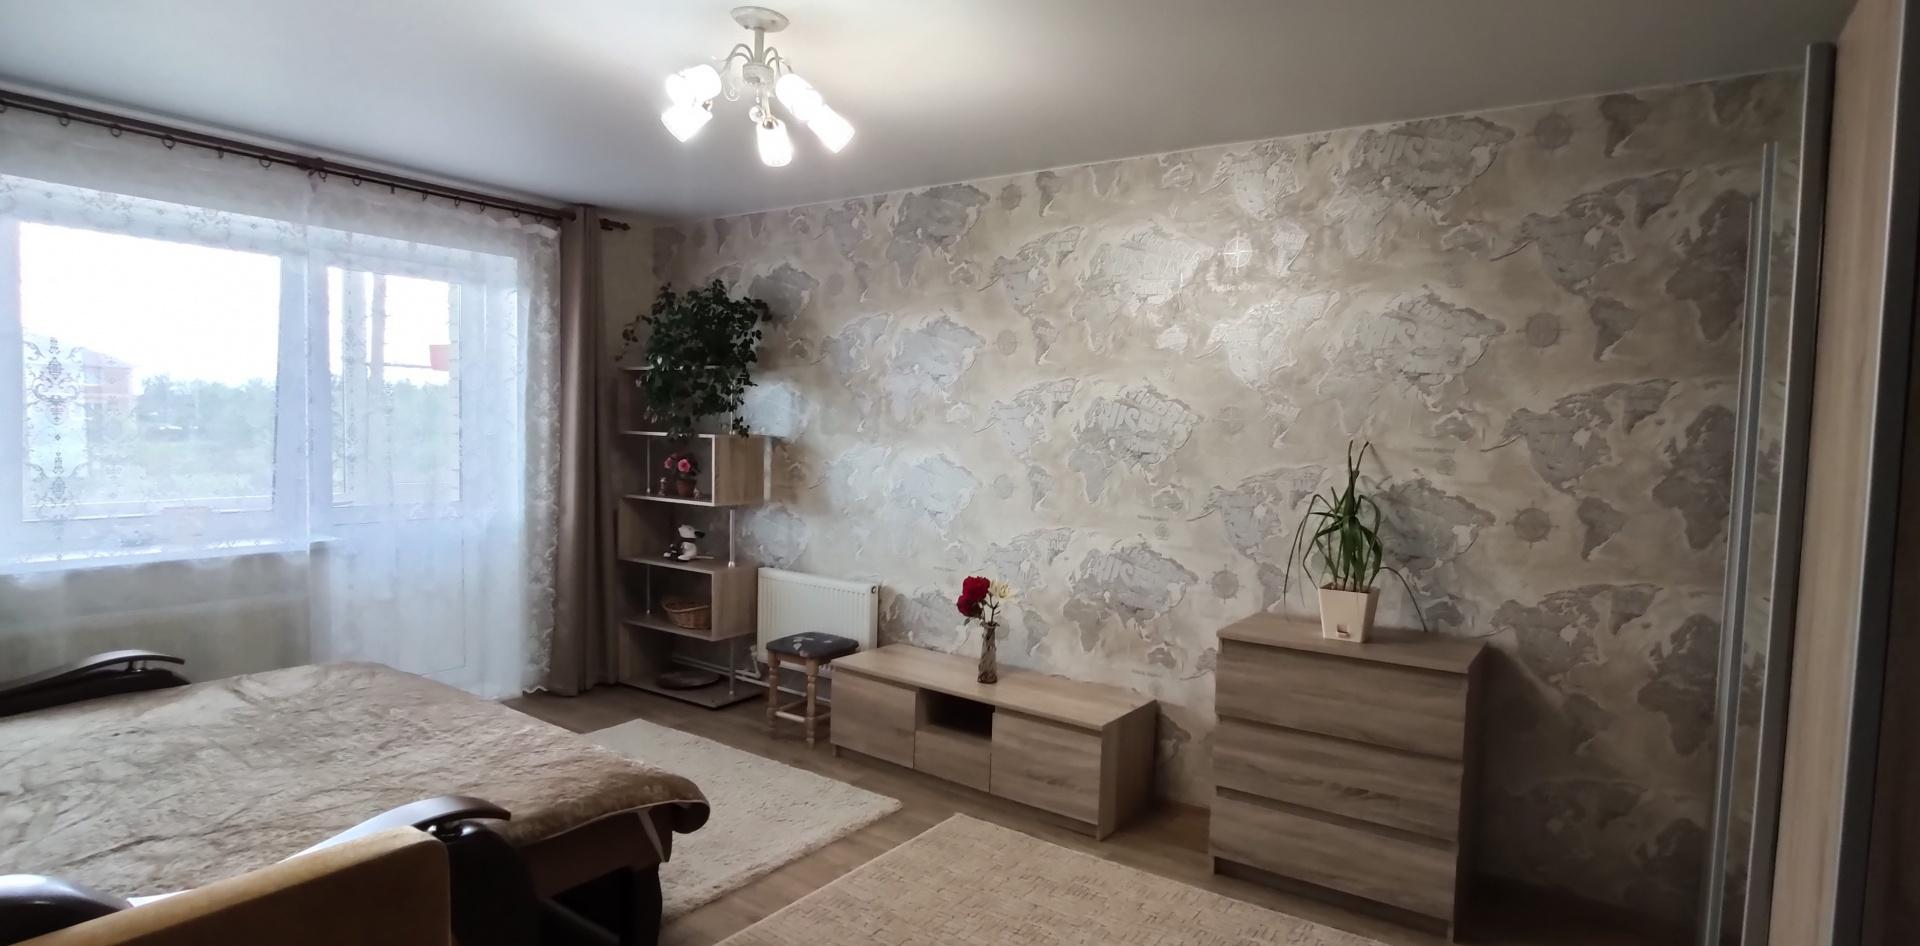 Боголюбово п., Полевая ул., 37, к в, 1-к. квартира на продажу